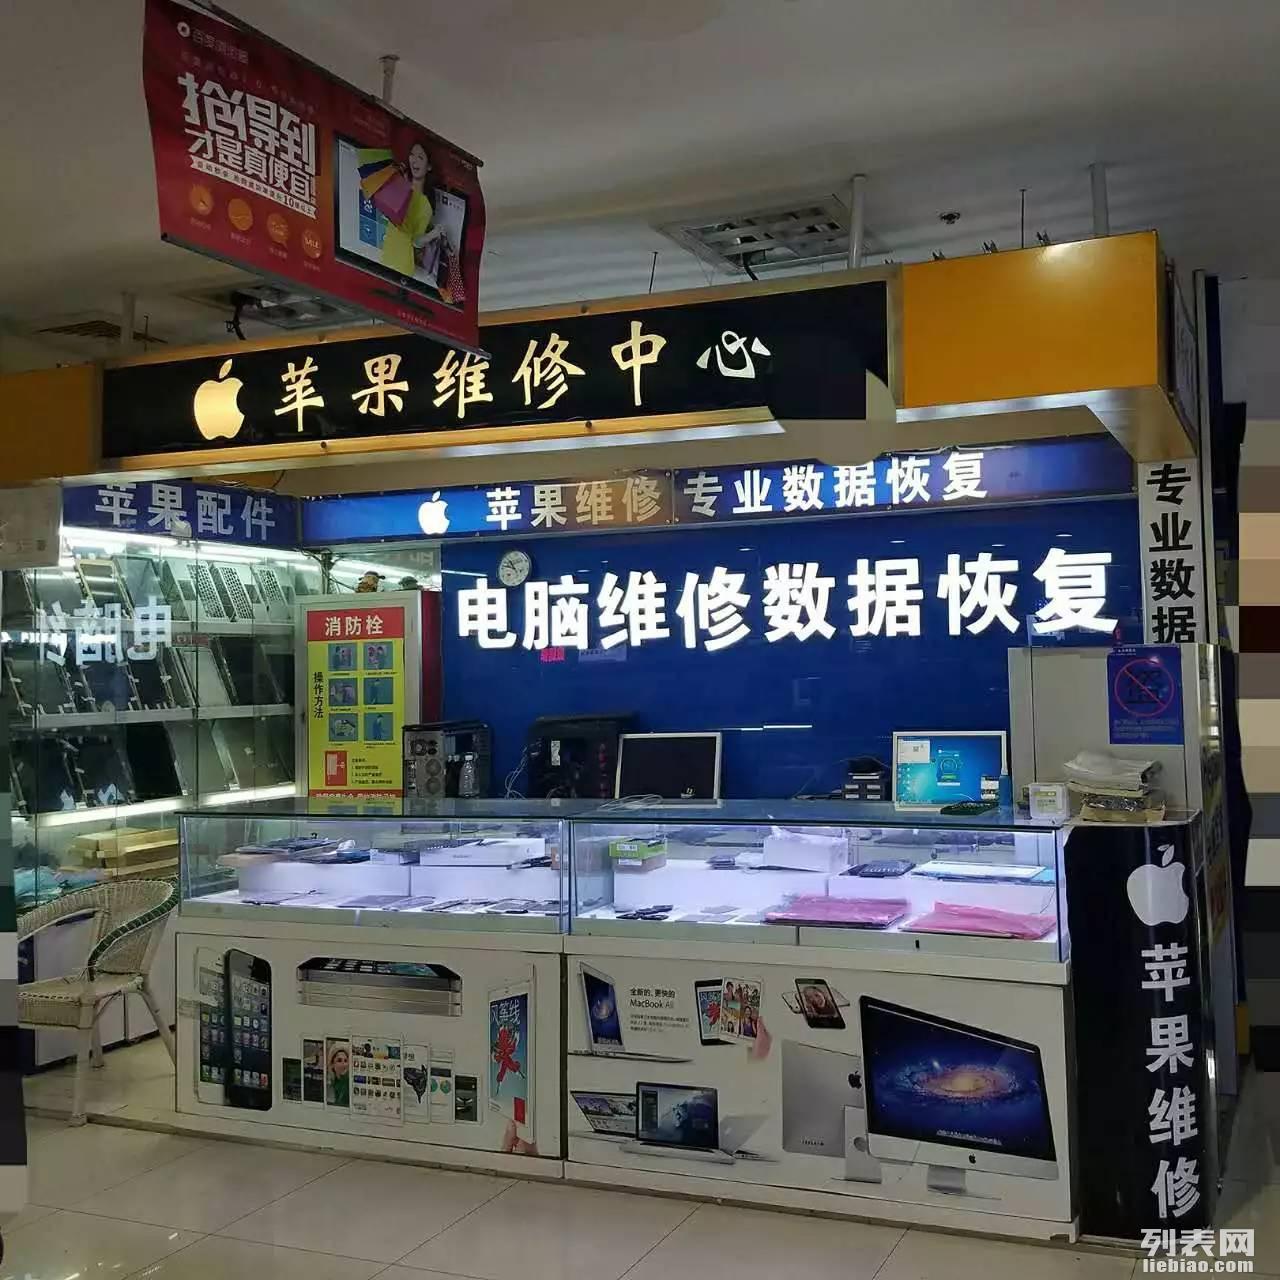 电脑维修 安装电脑系统 苹果双系统 服务器系统